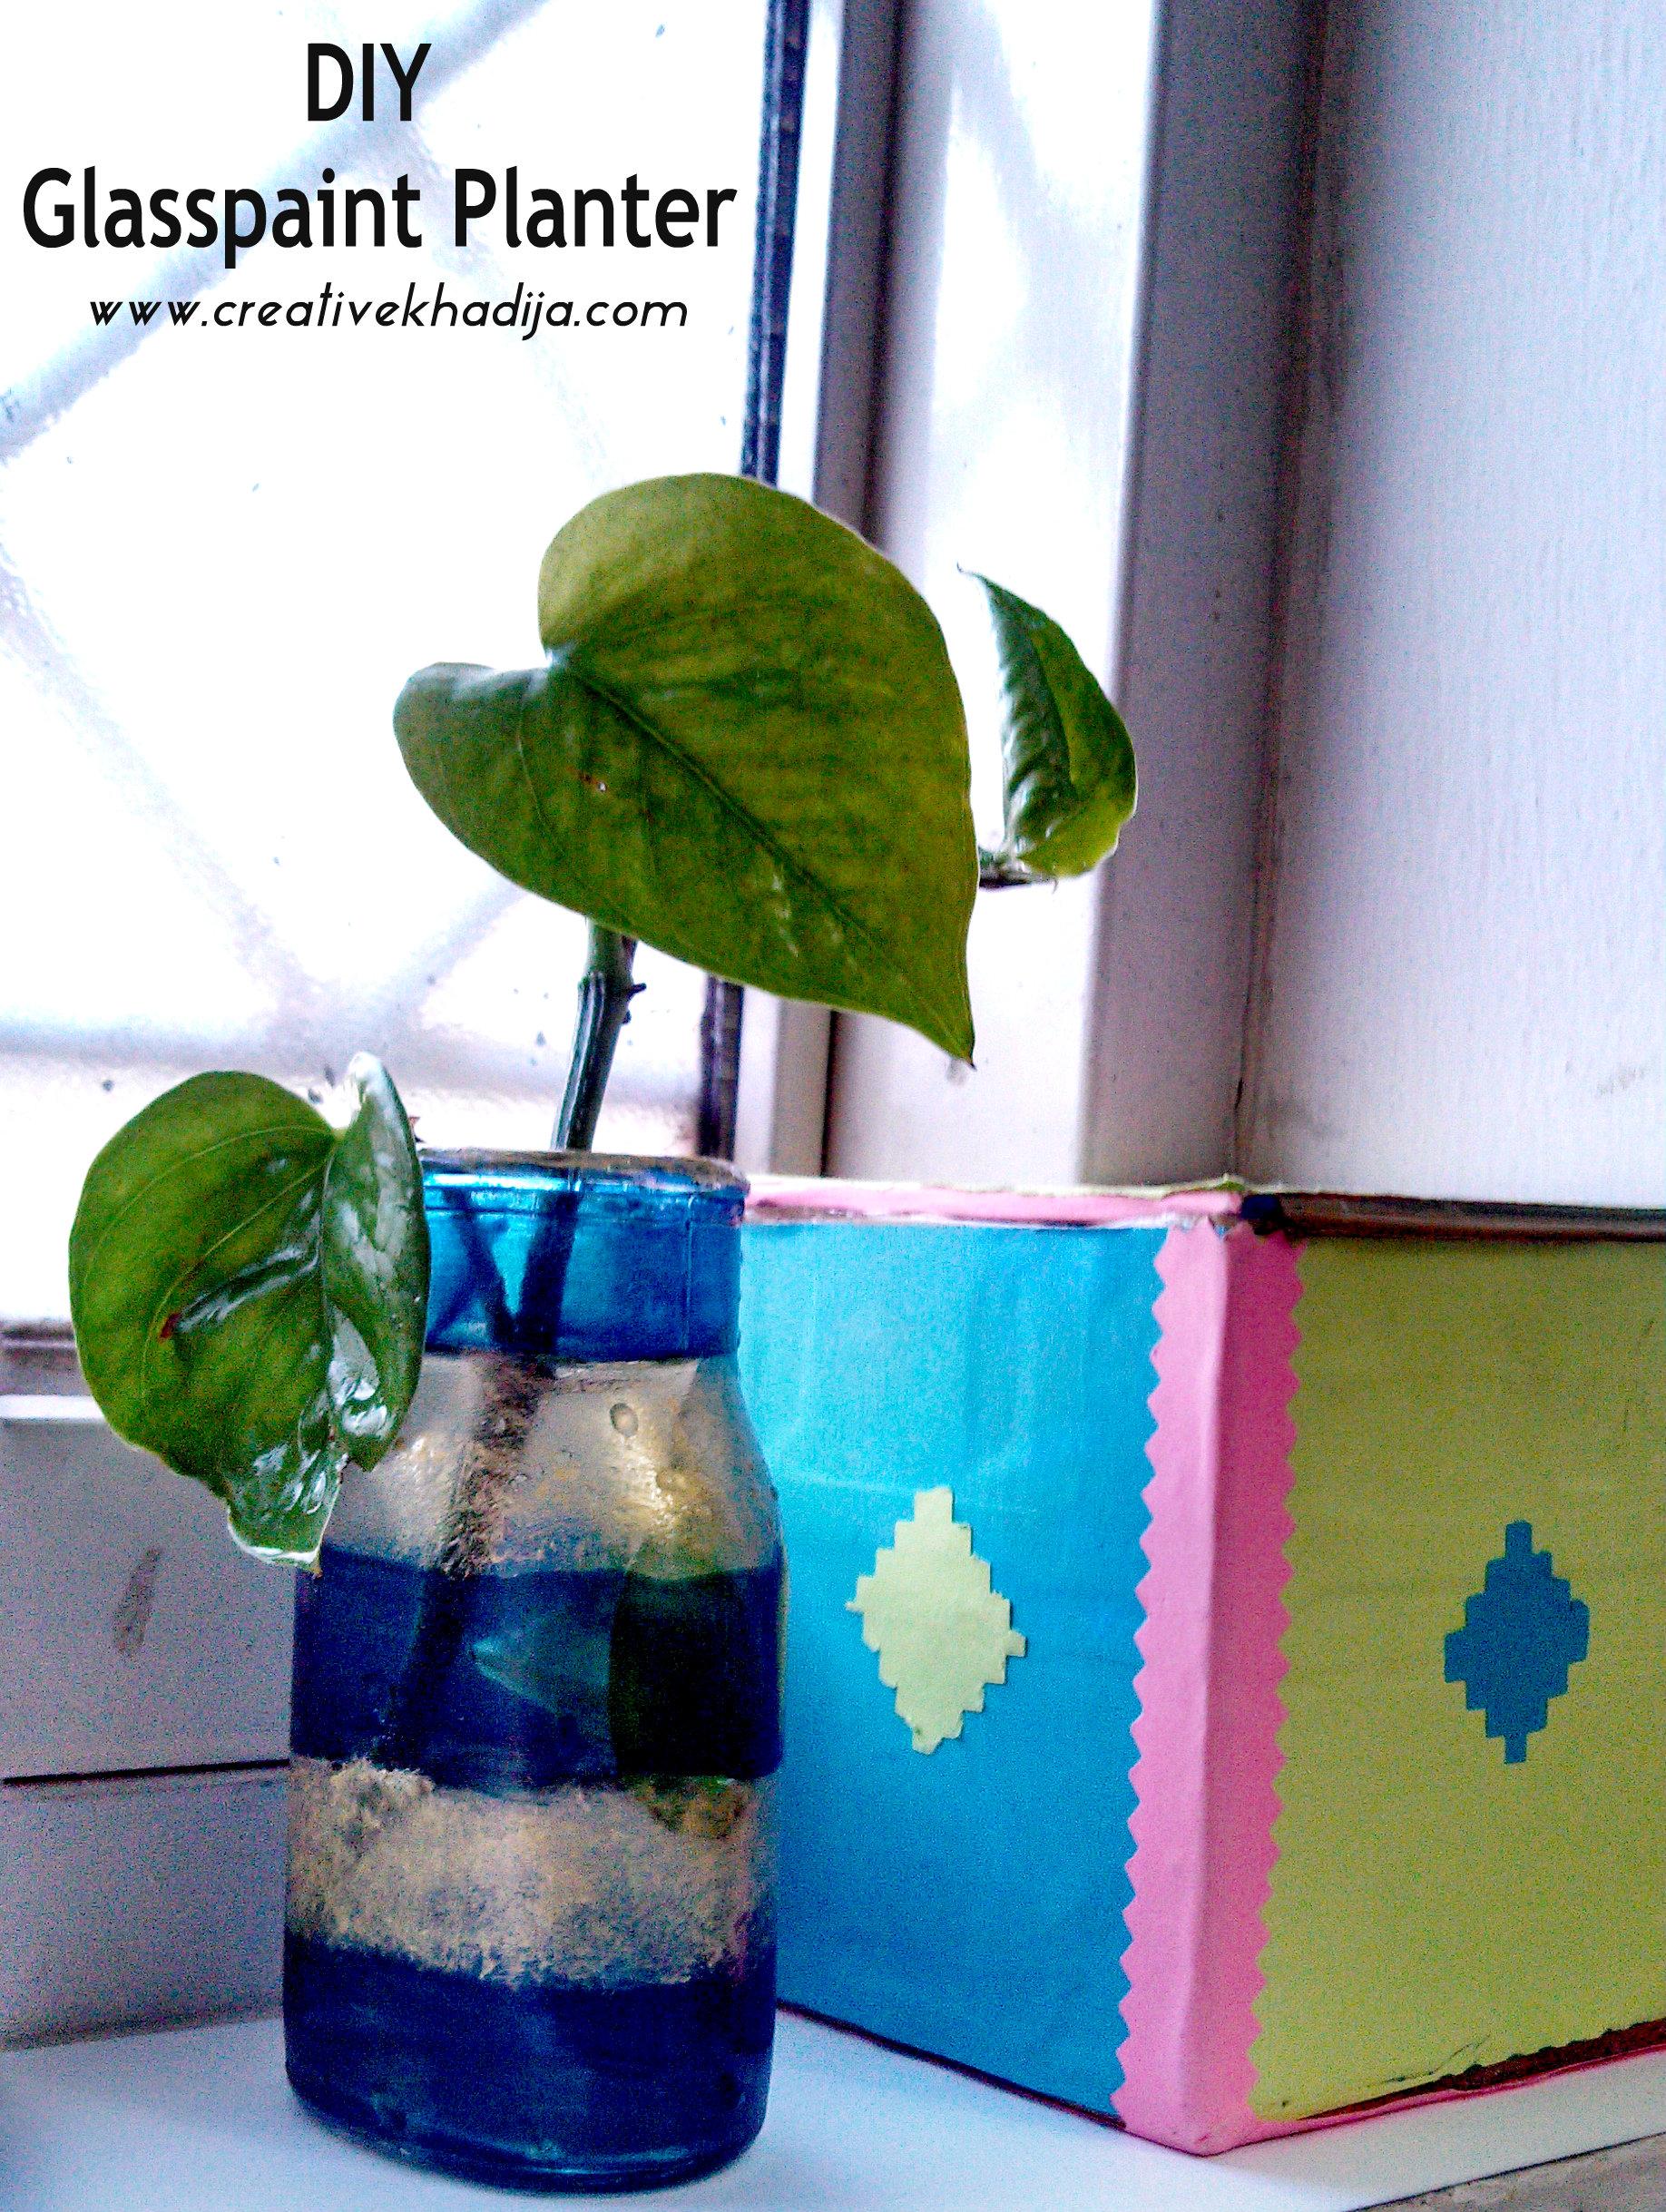 Plant-Container-Glass-Paint-planter-DIY-idea